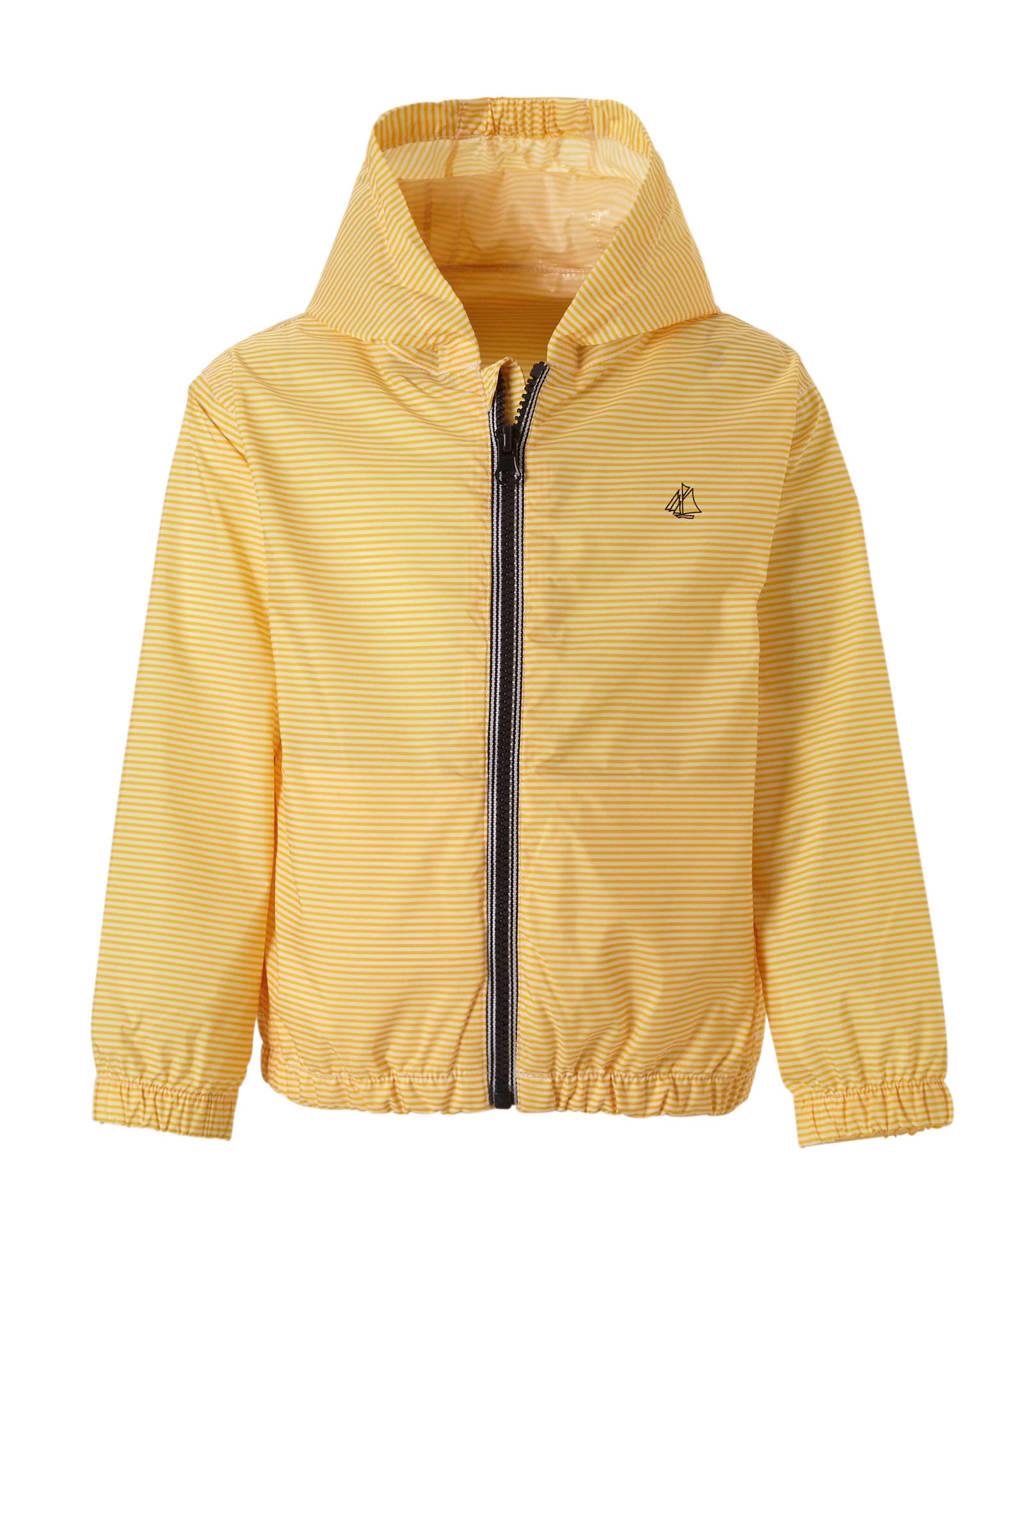 Petit Bateau gestreepte jas geel, Geel/ wit